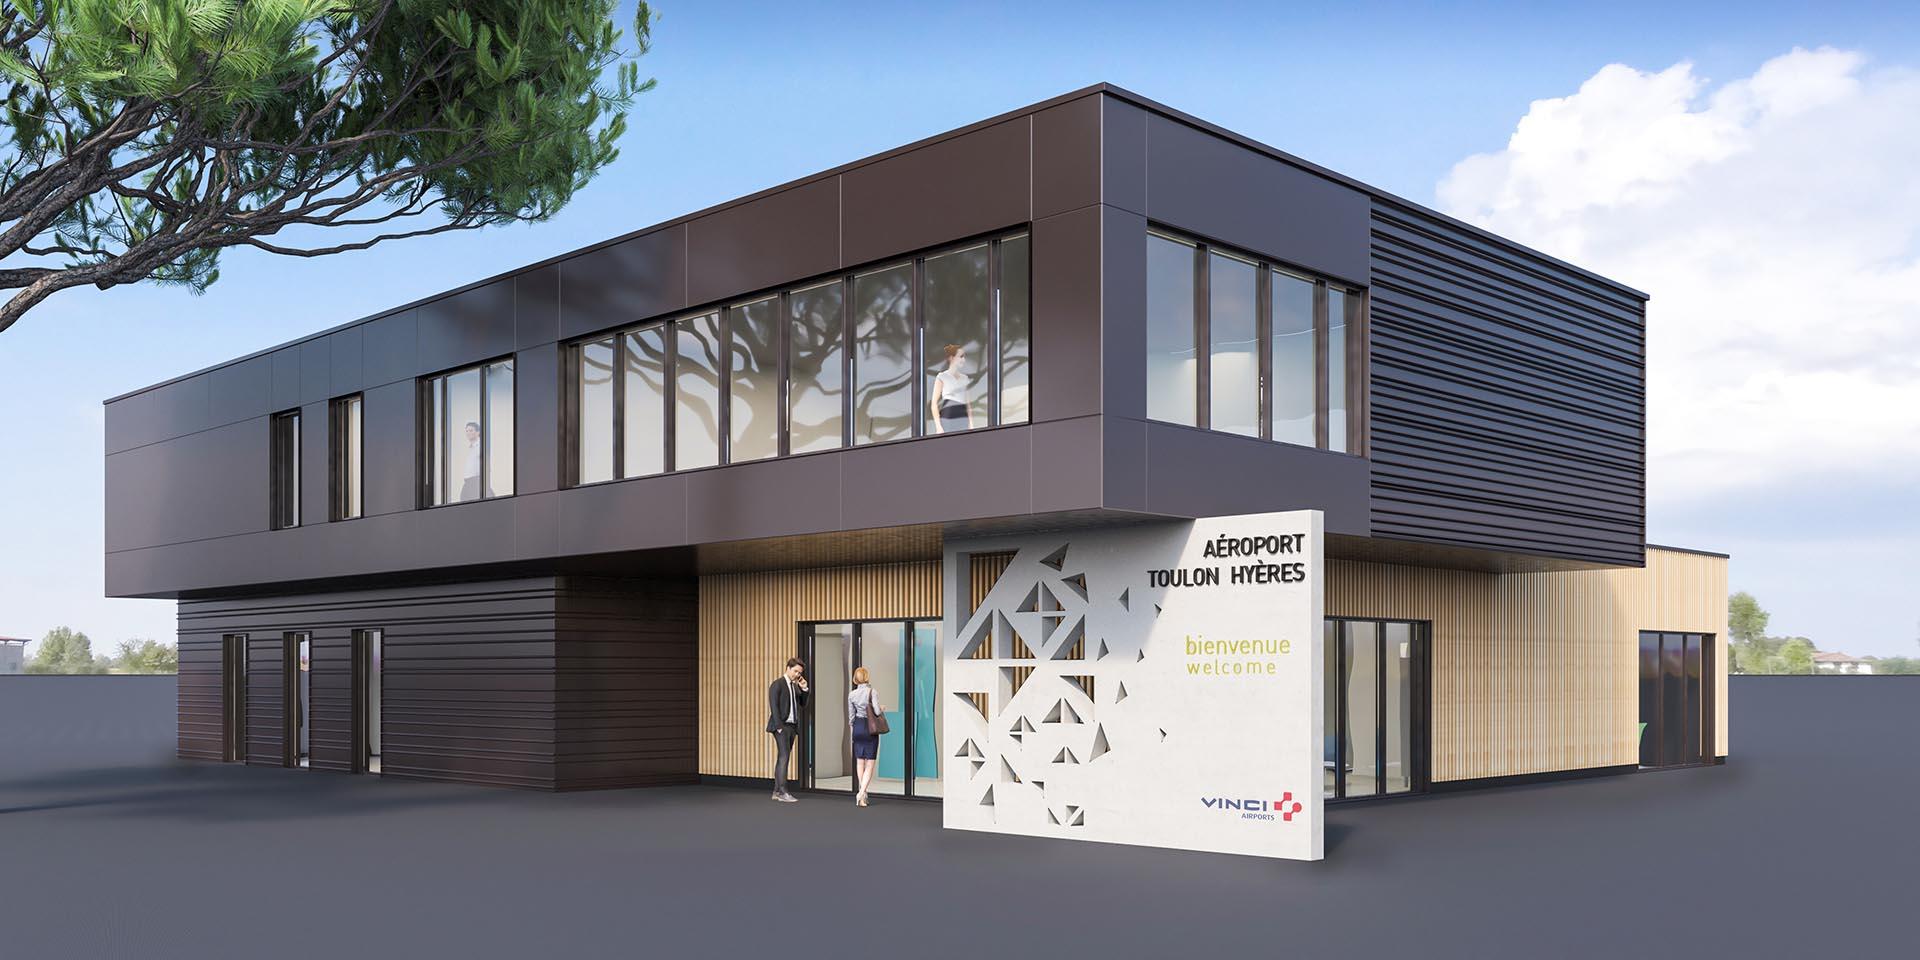 Réalisation Architecture Aéroport de Toulon